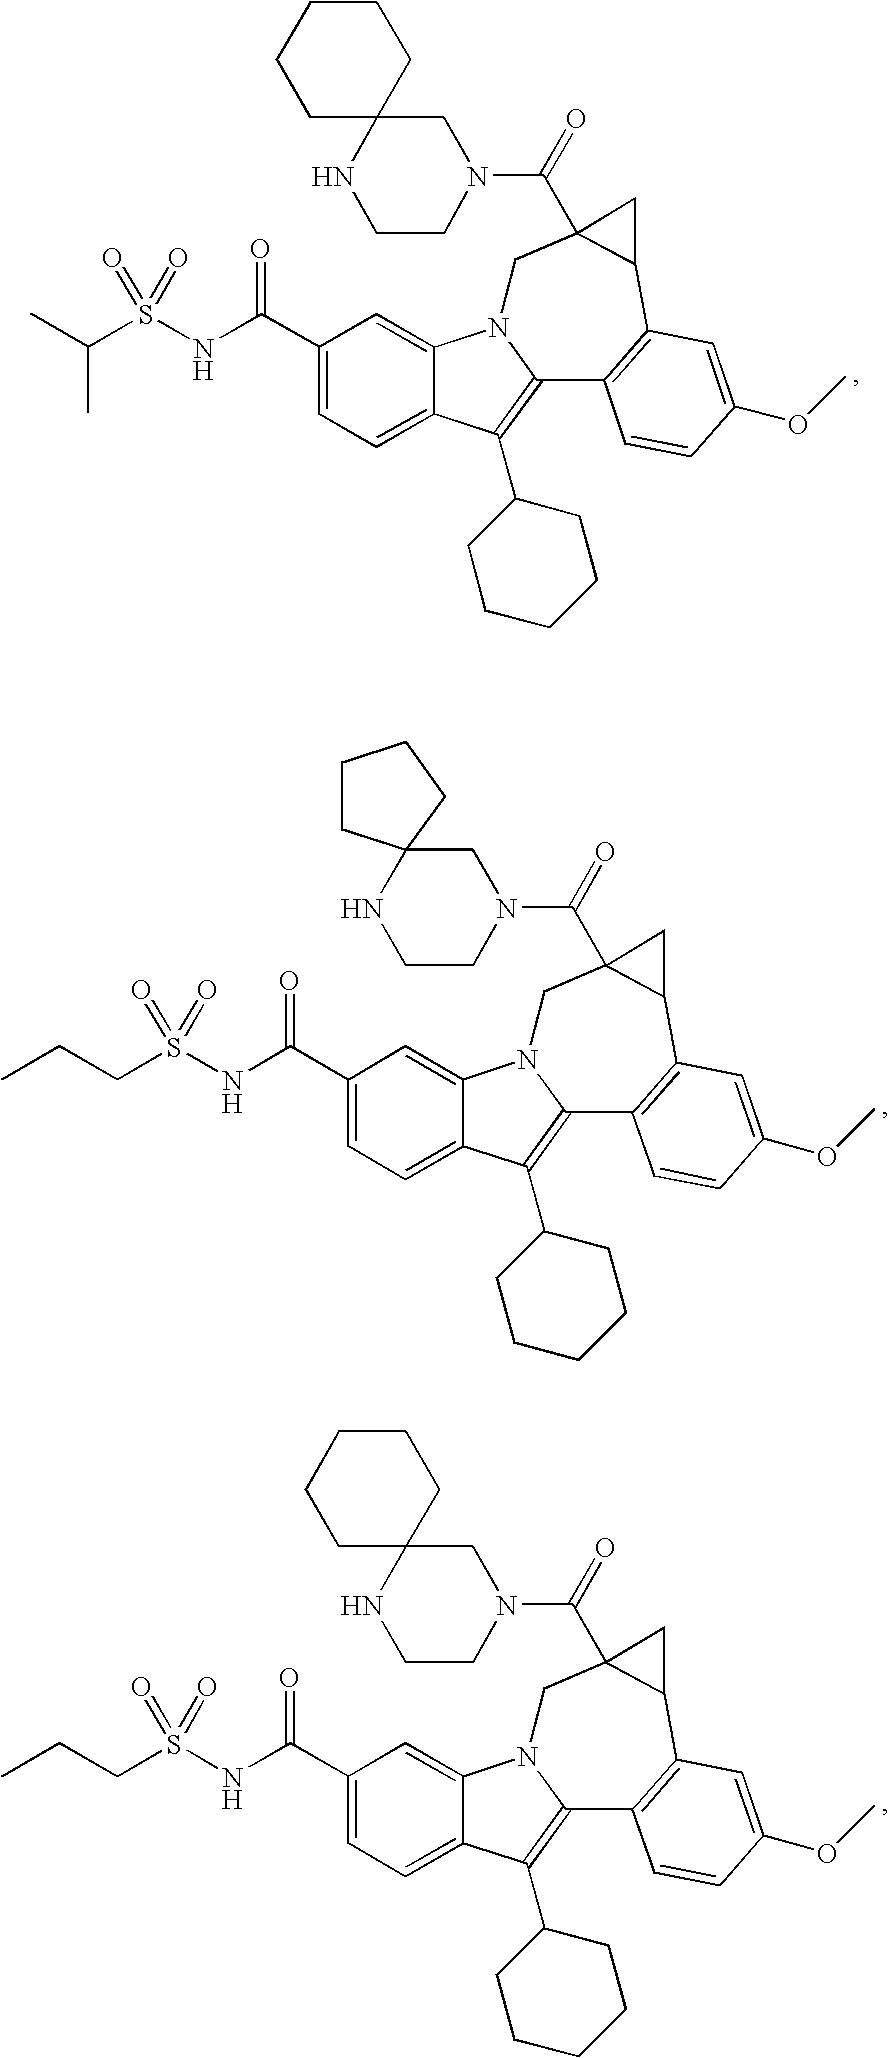 Figure US08124601-20120228-C00142